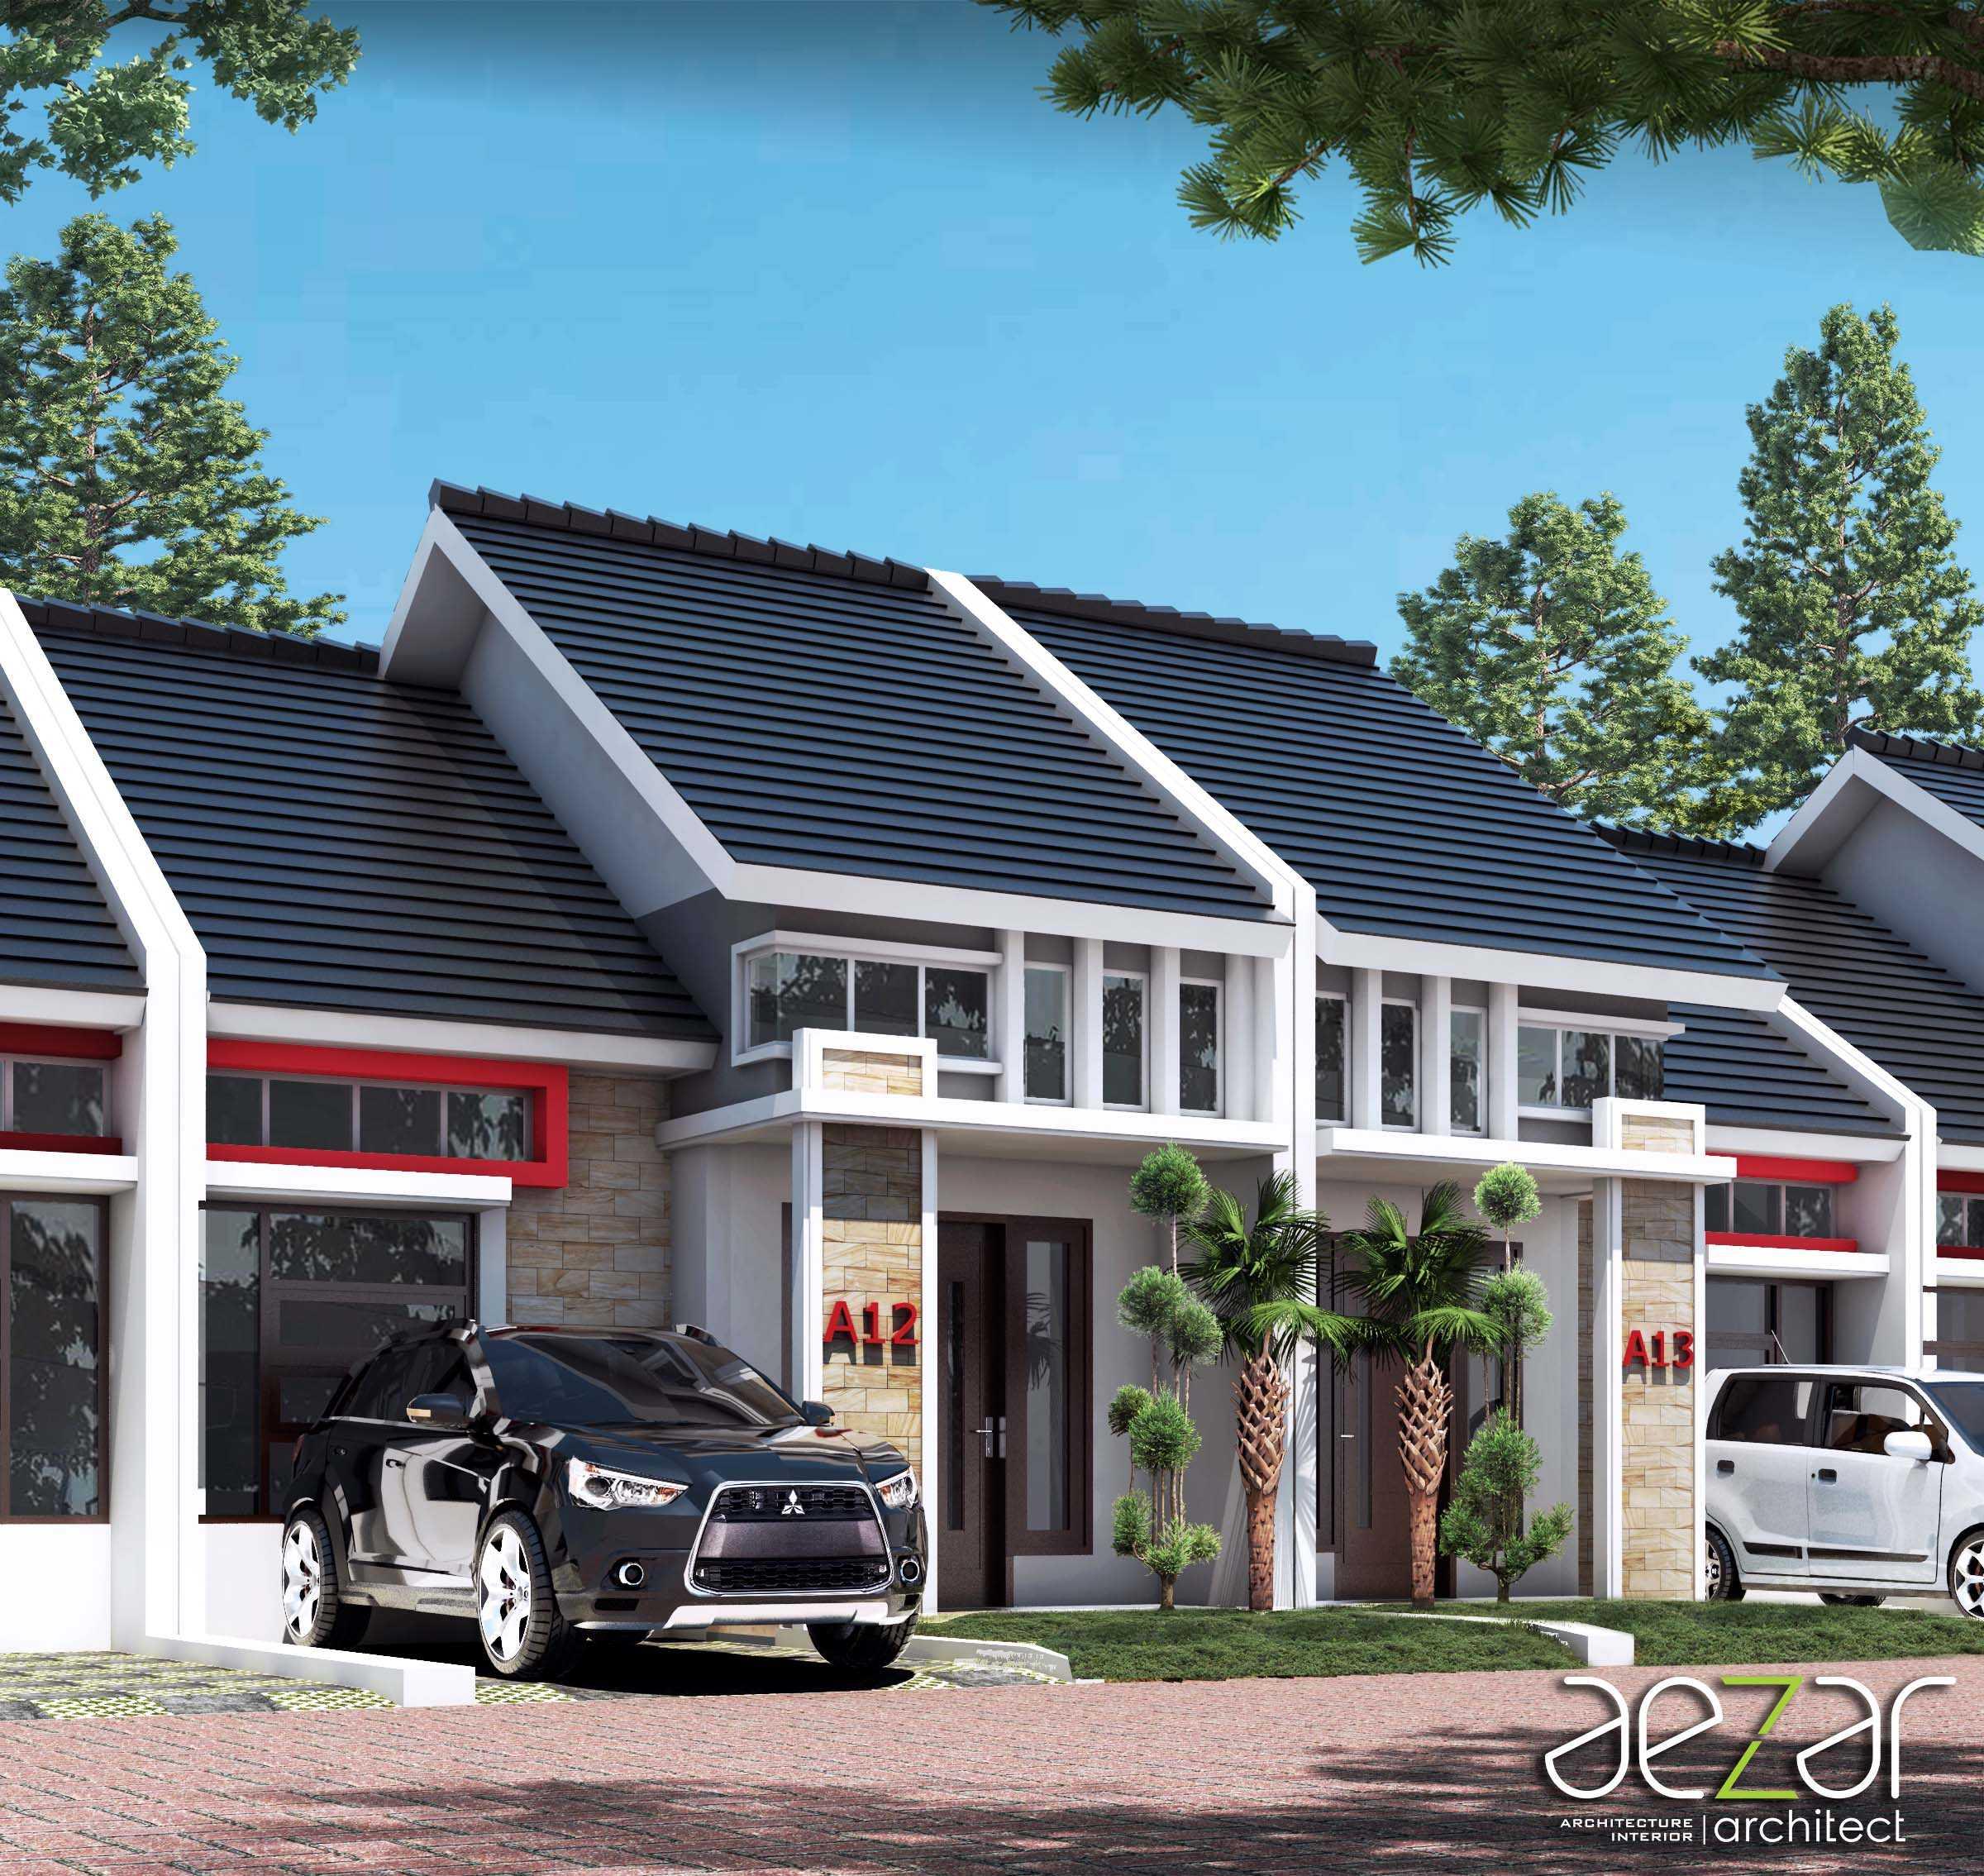 Aezar Architect Perumahan De Dwipa Kedungmundu Semarang, Jawa Tengah, Indonesia Semarang, Jawa Tengah, Indonesia Exterior View   54504